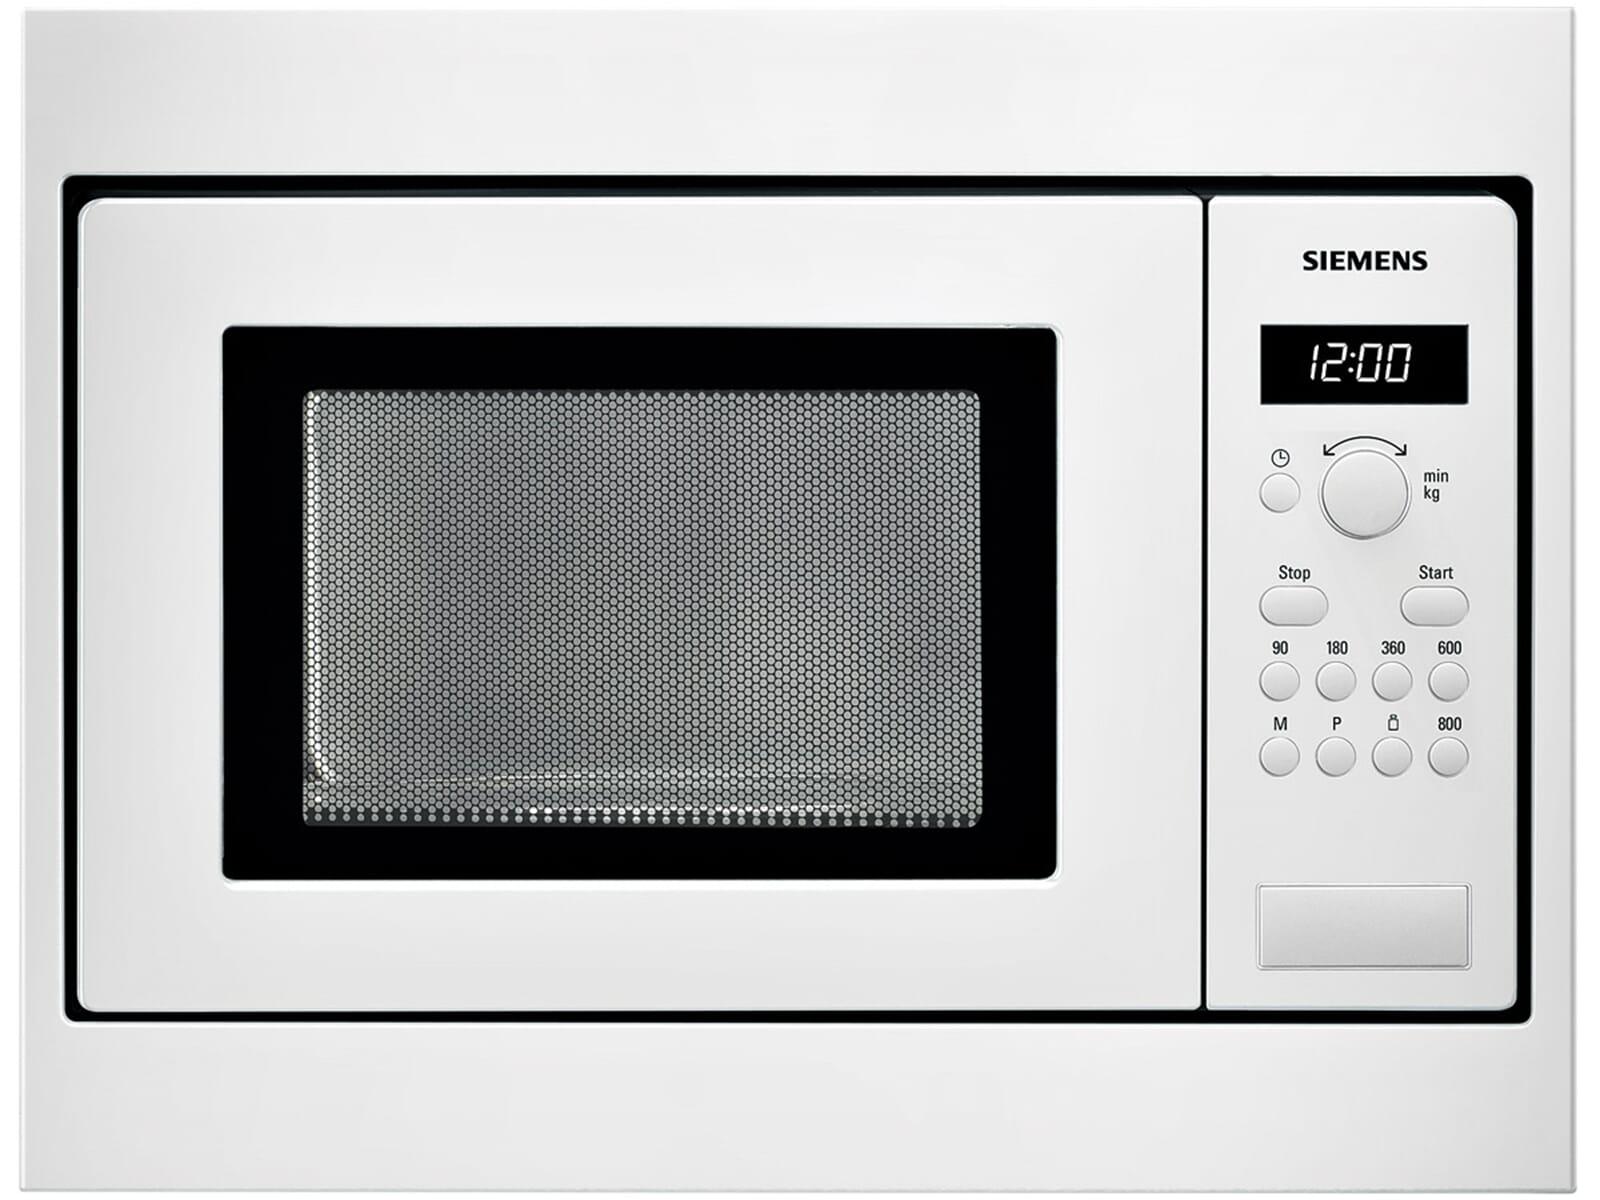 siemens hf15m252 einbau mikrowelle wei f r h ngeschrank 800 watt 17 liter ebay. Black Bedroom Furniture Sets. Home Design Ideas